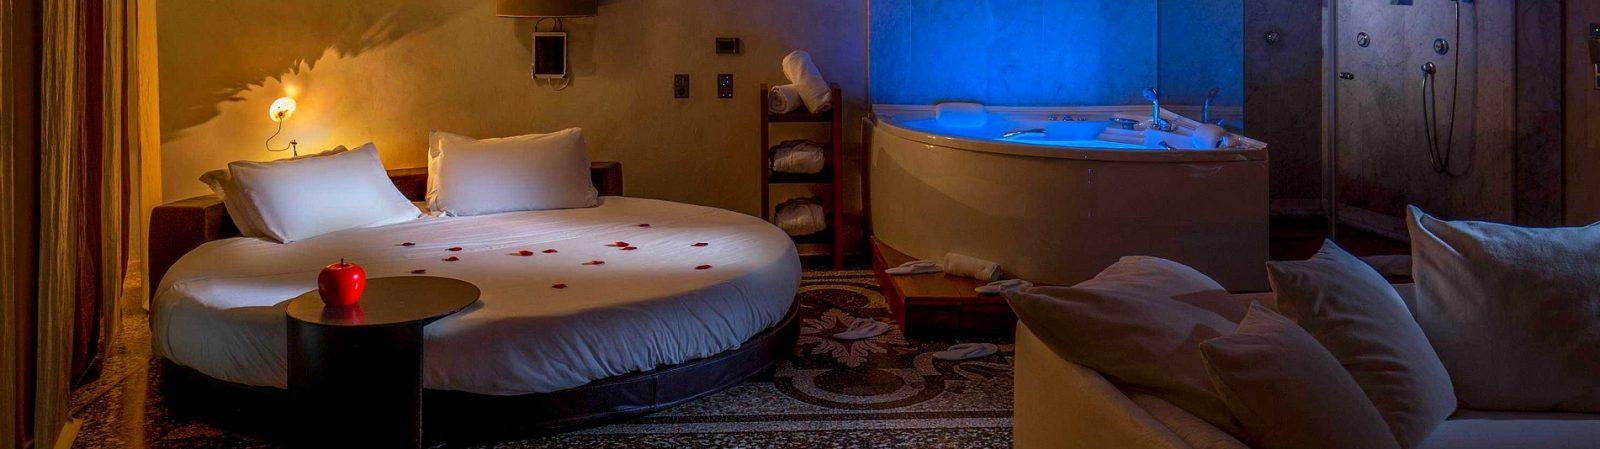 hotel privatif à paris